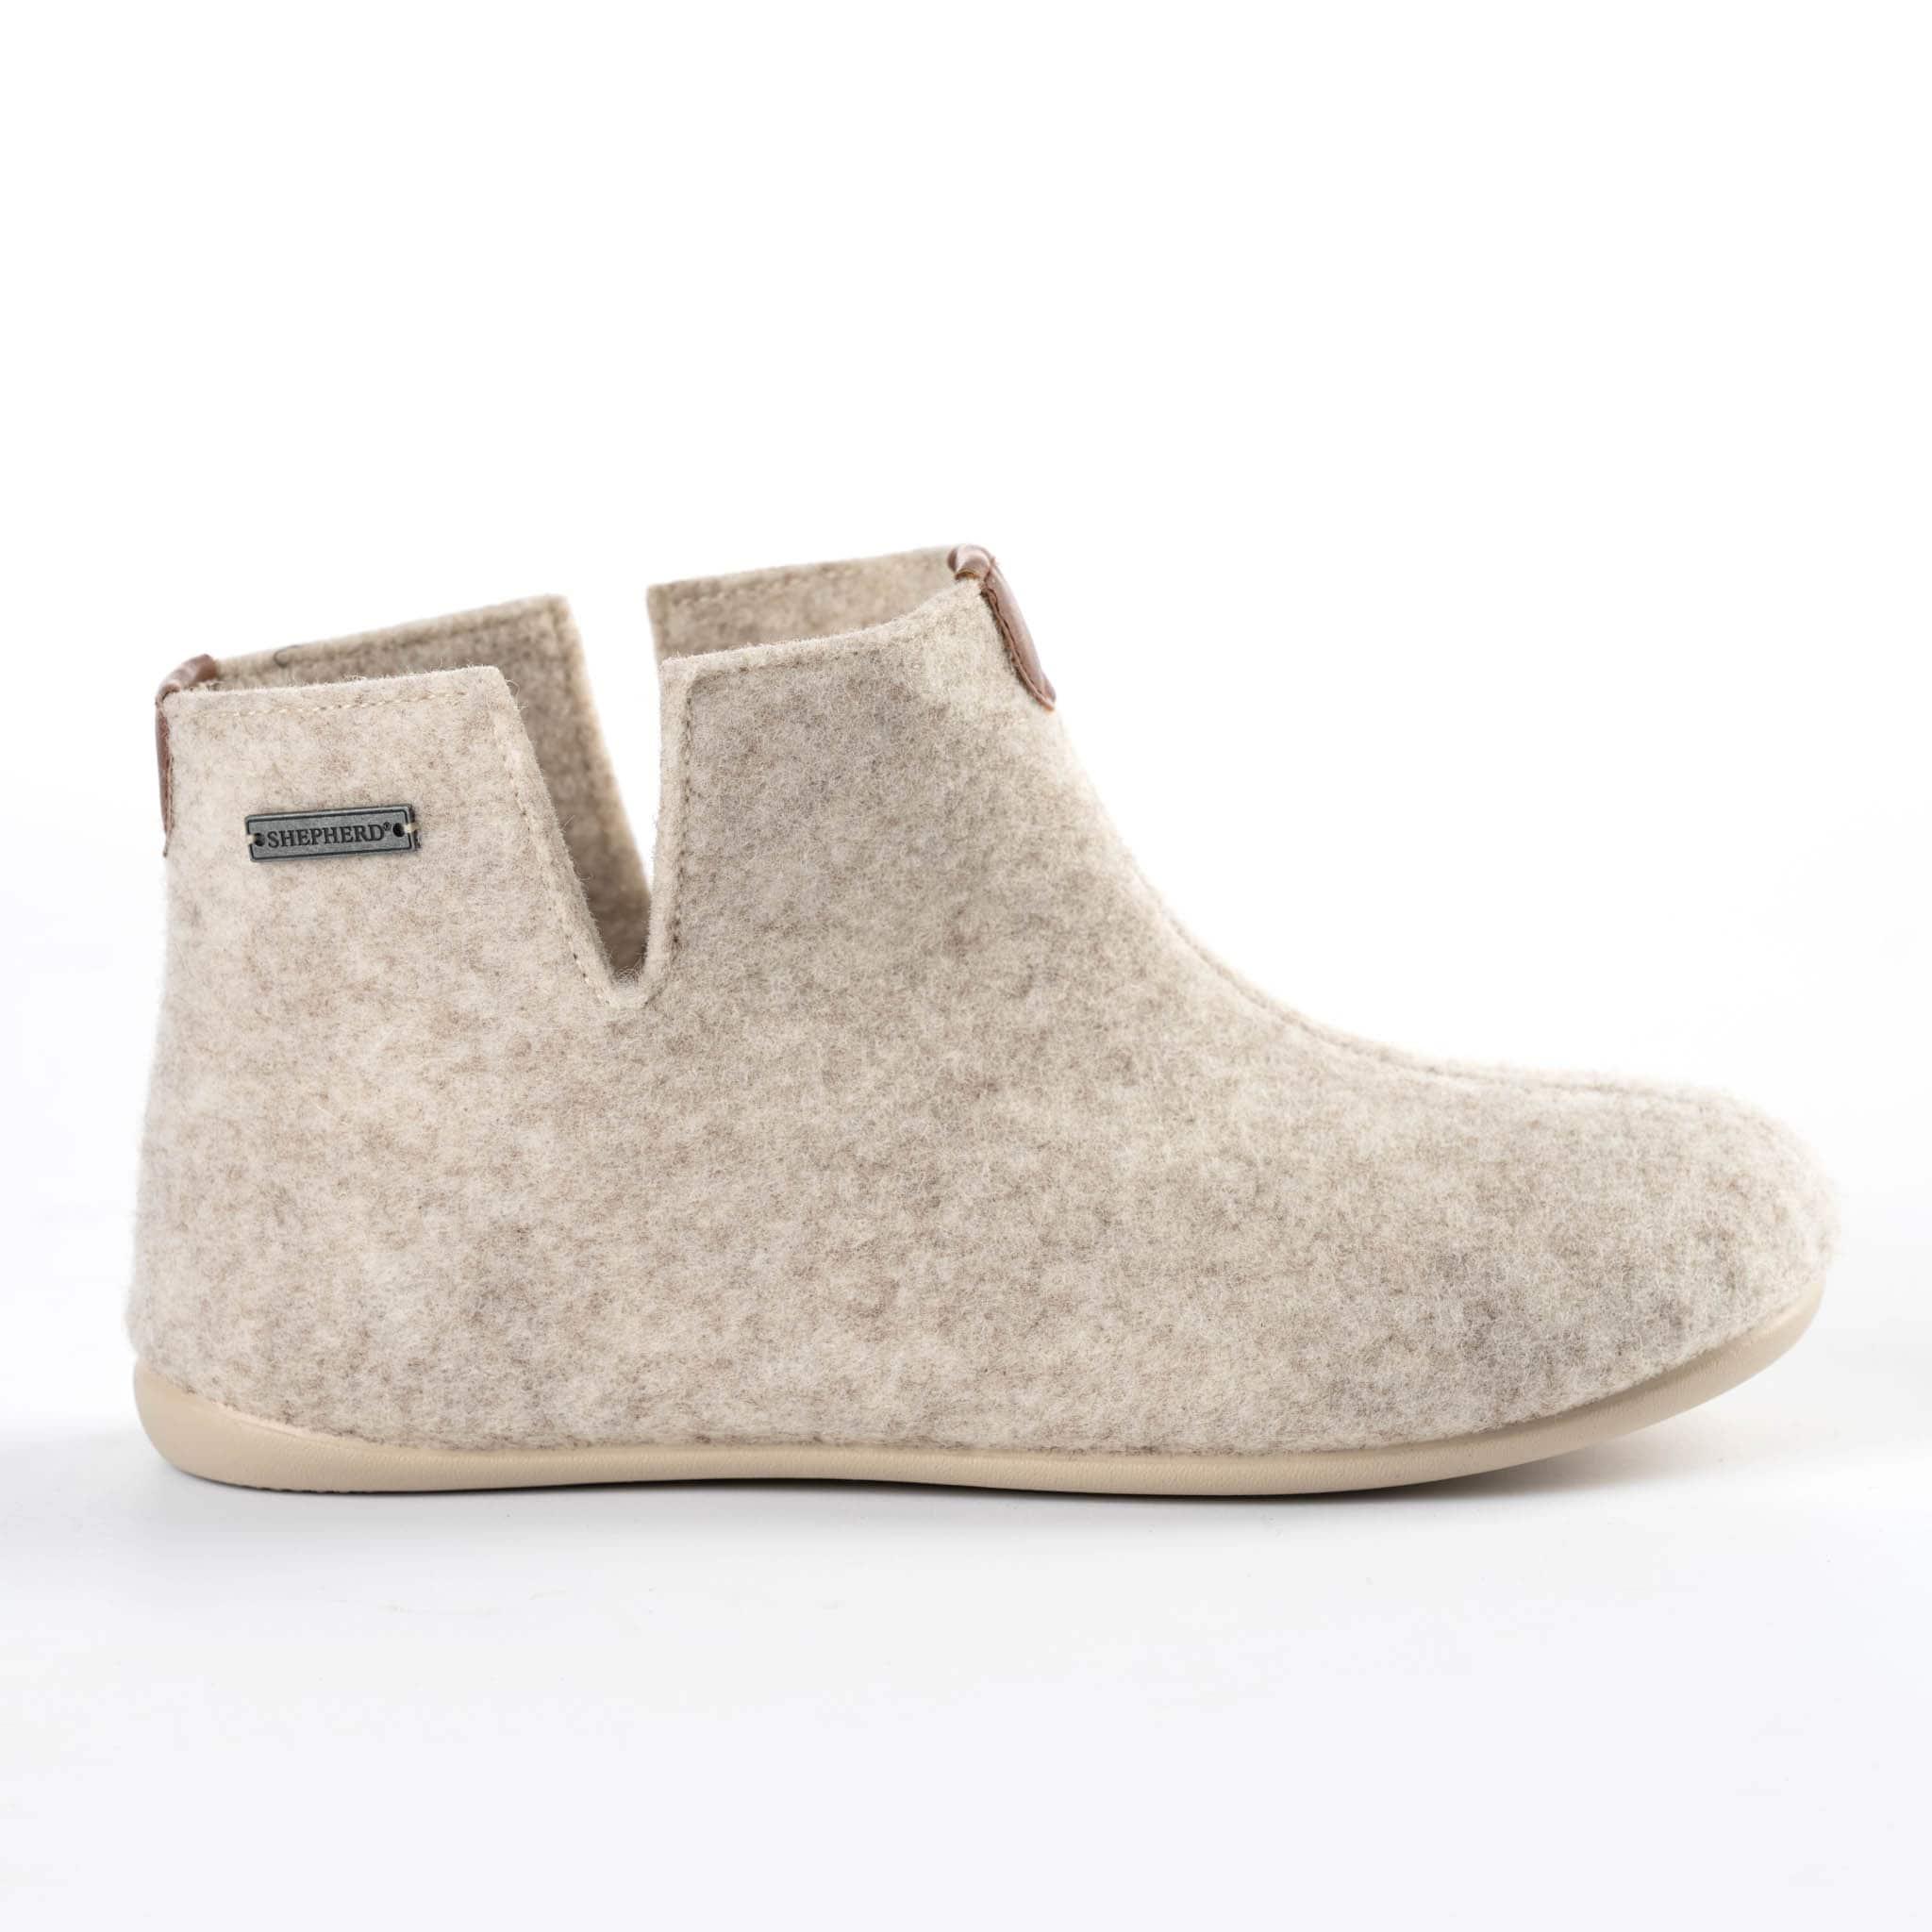 Ester slippers